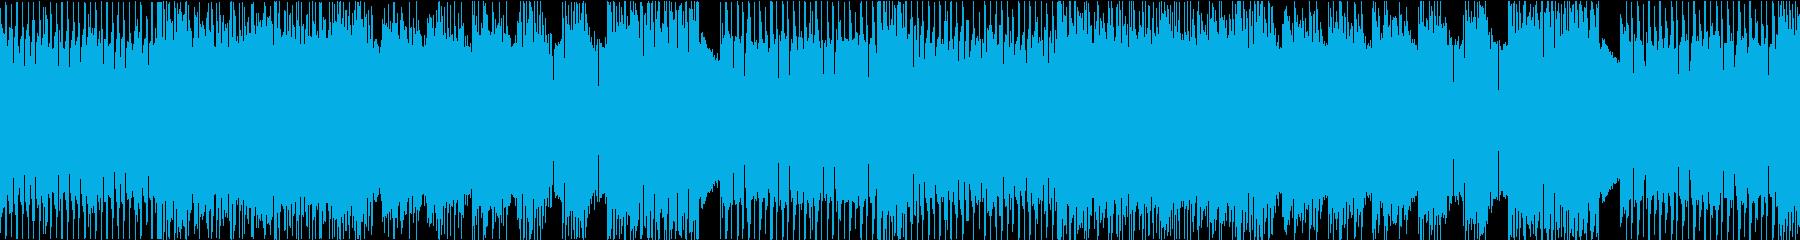 ハイテンポで攻撃的なメタルインストループの再生済みの波形